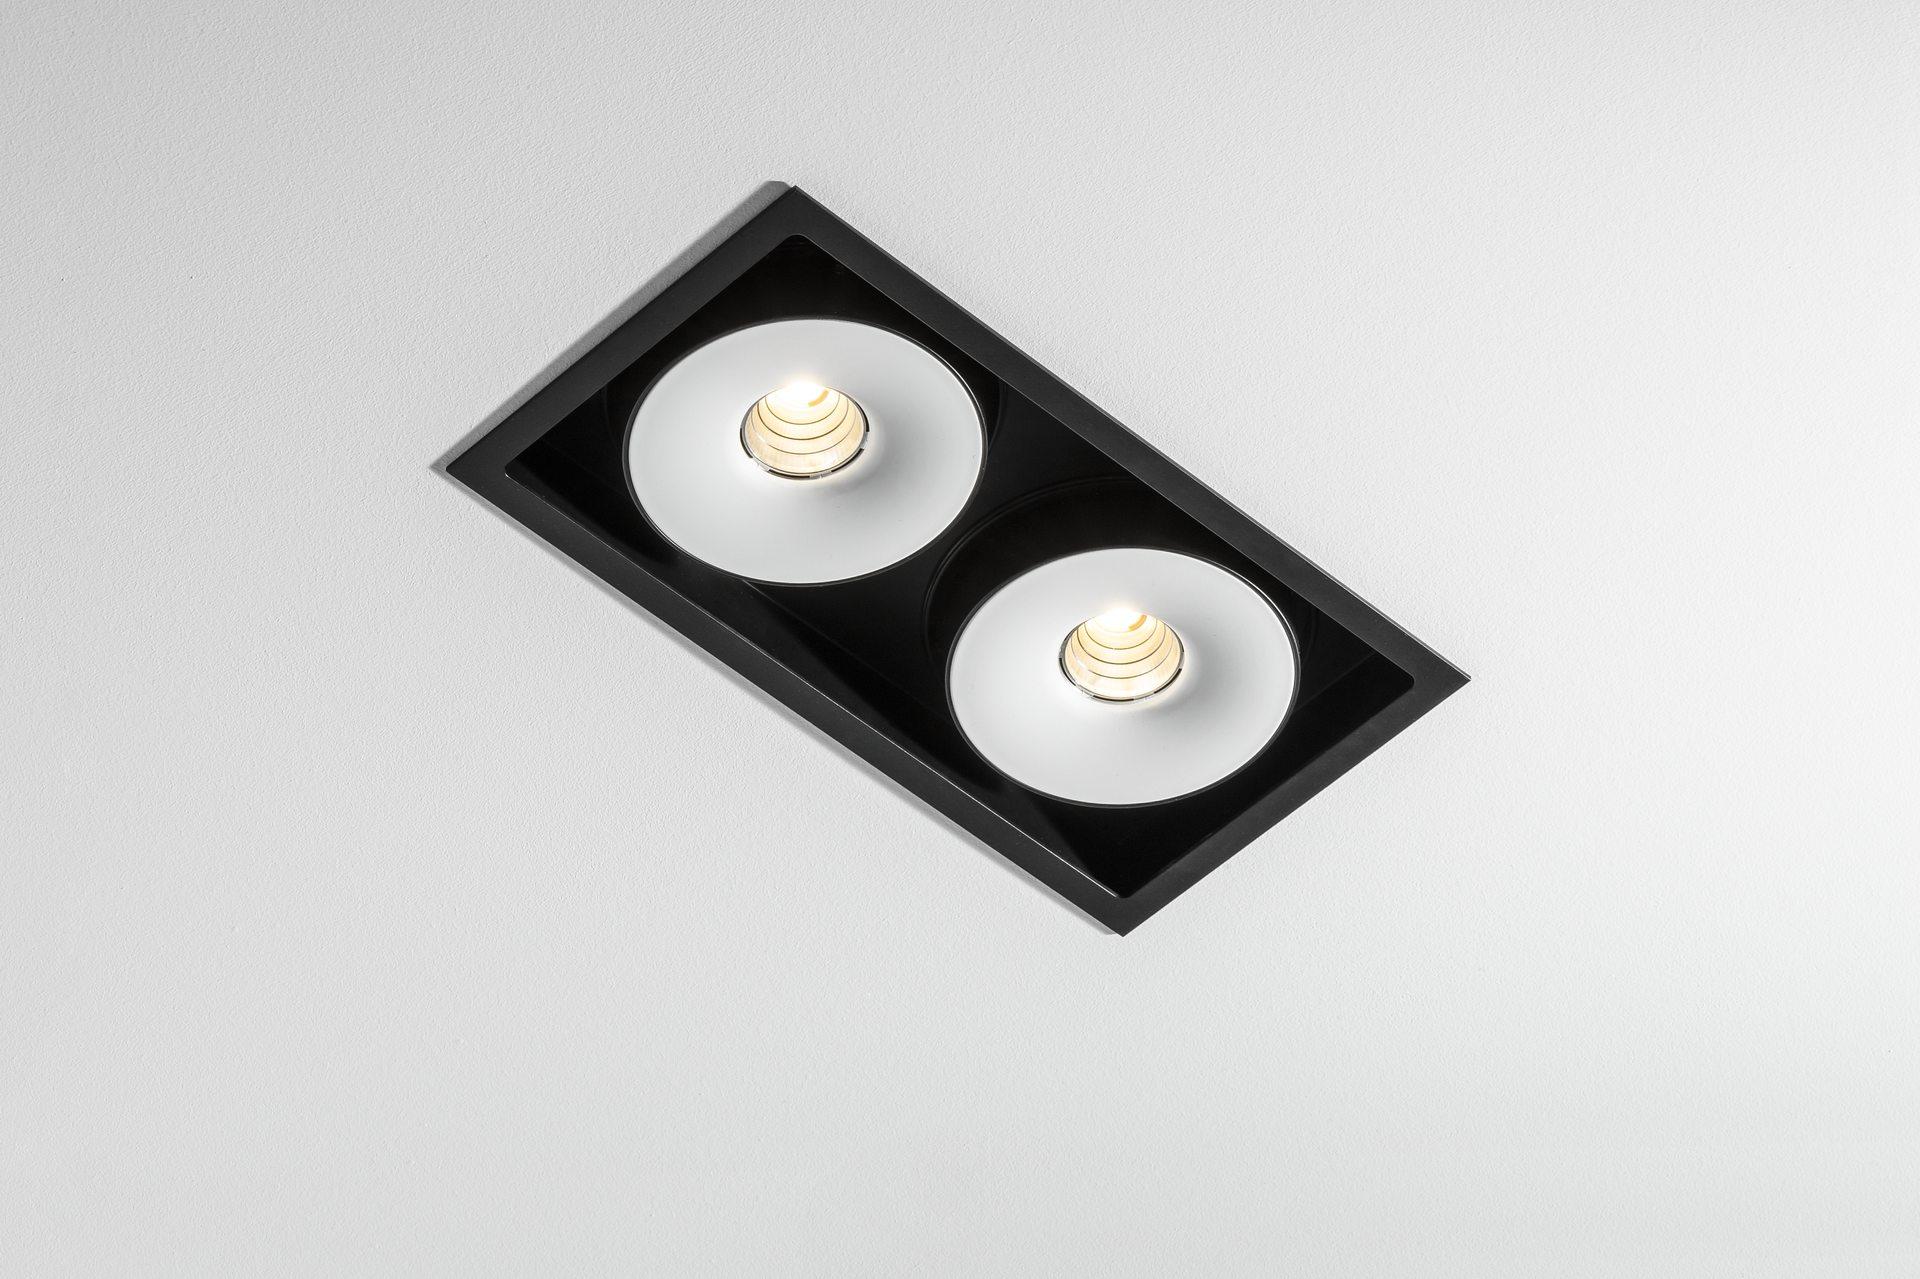 MULTIVA EVO 115.2 edge.LED